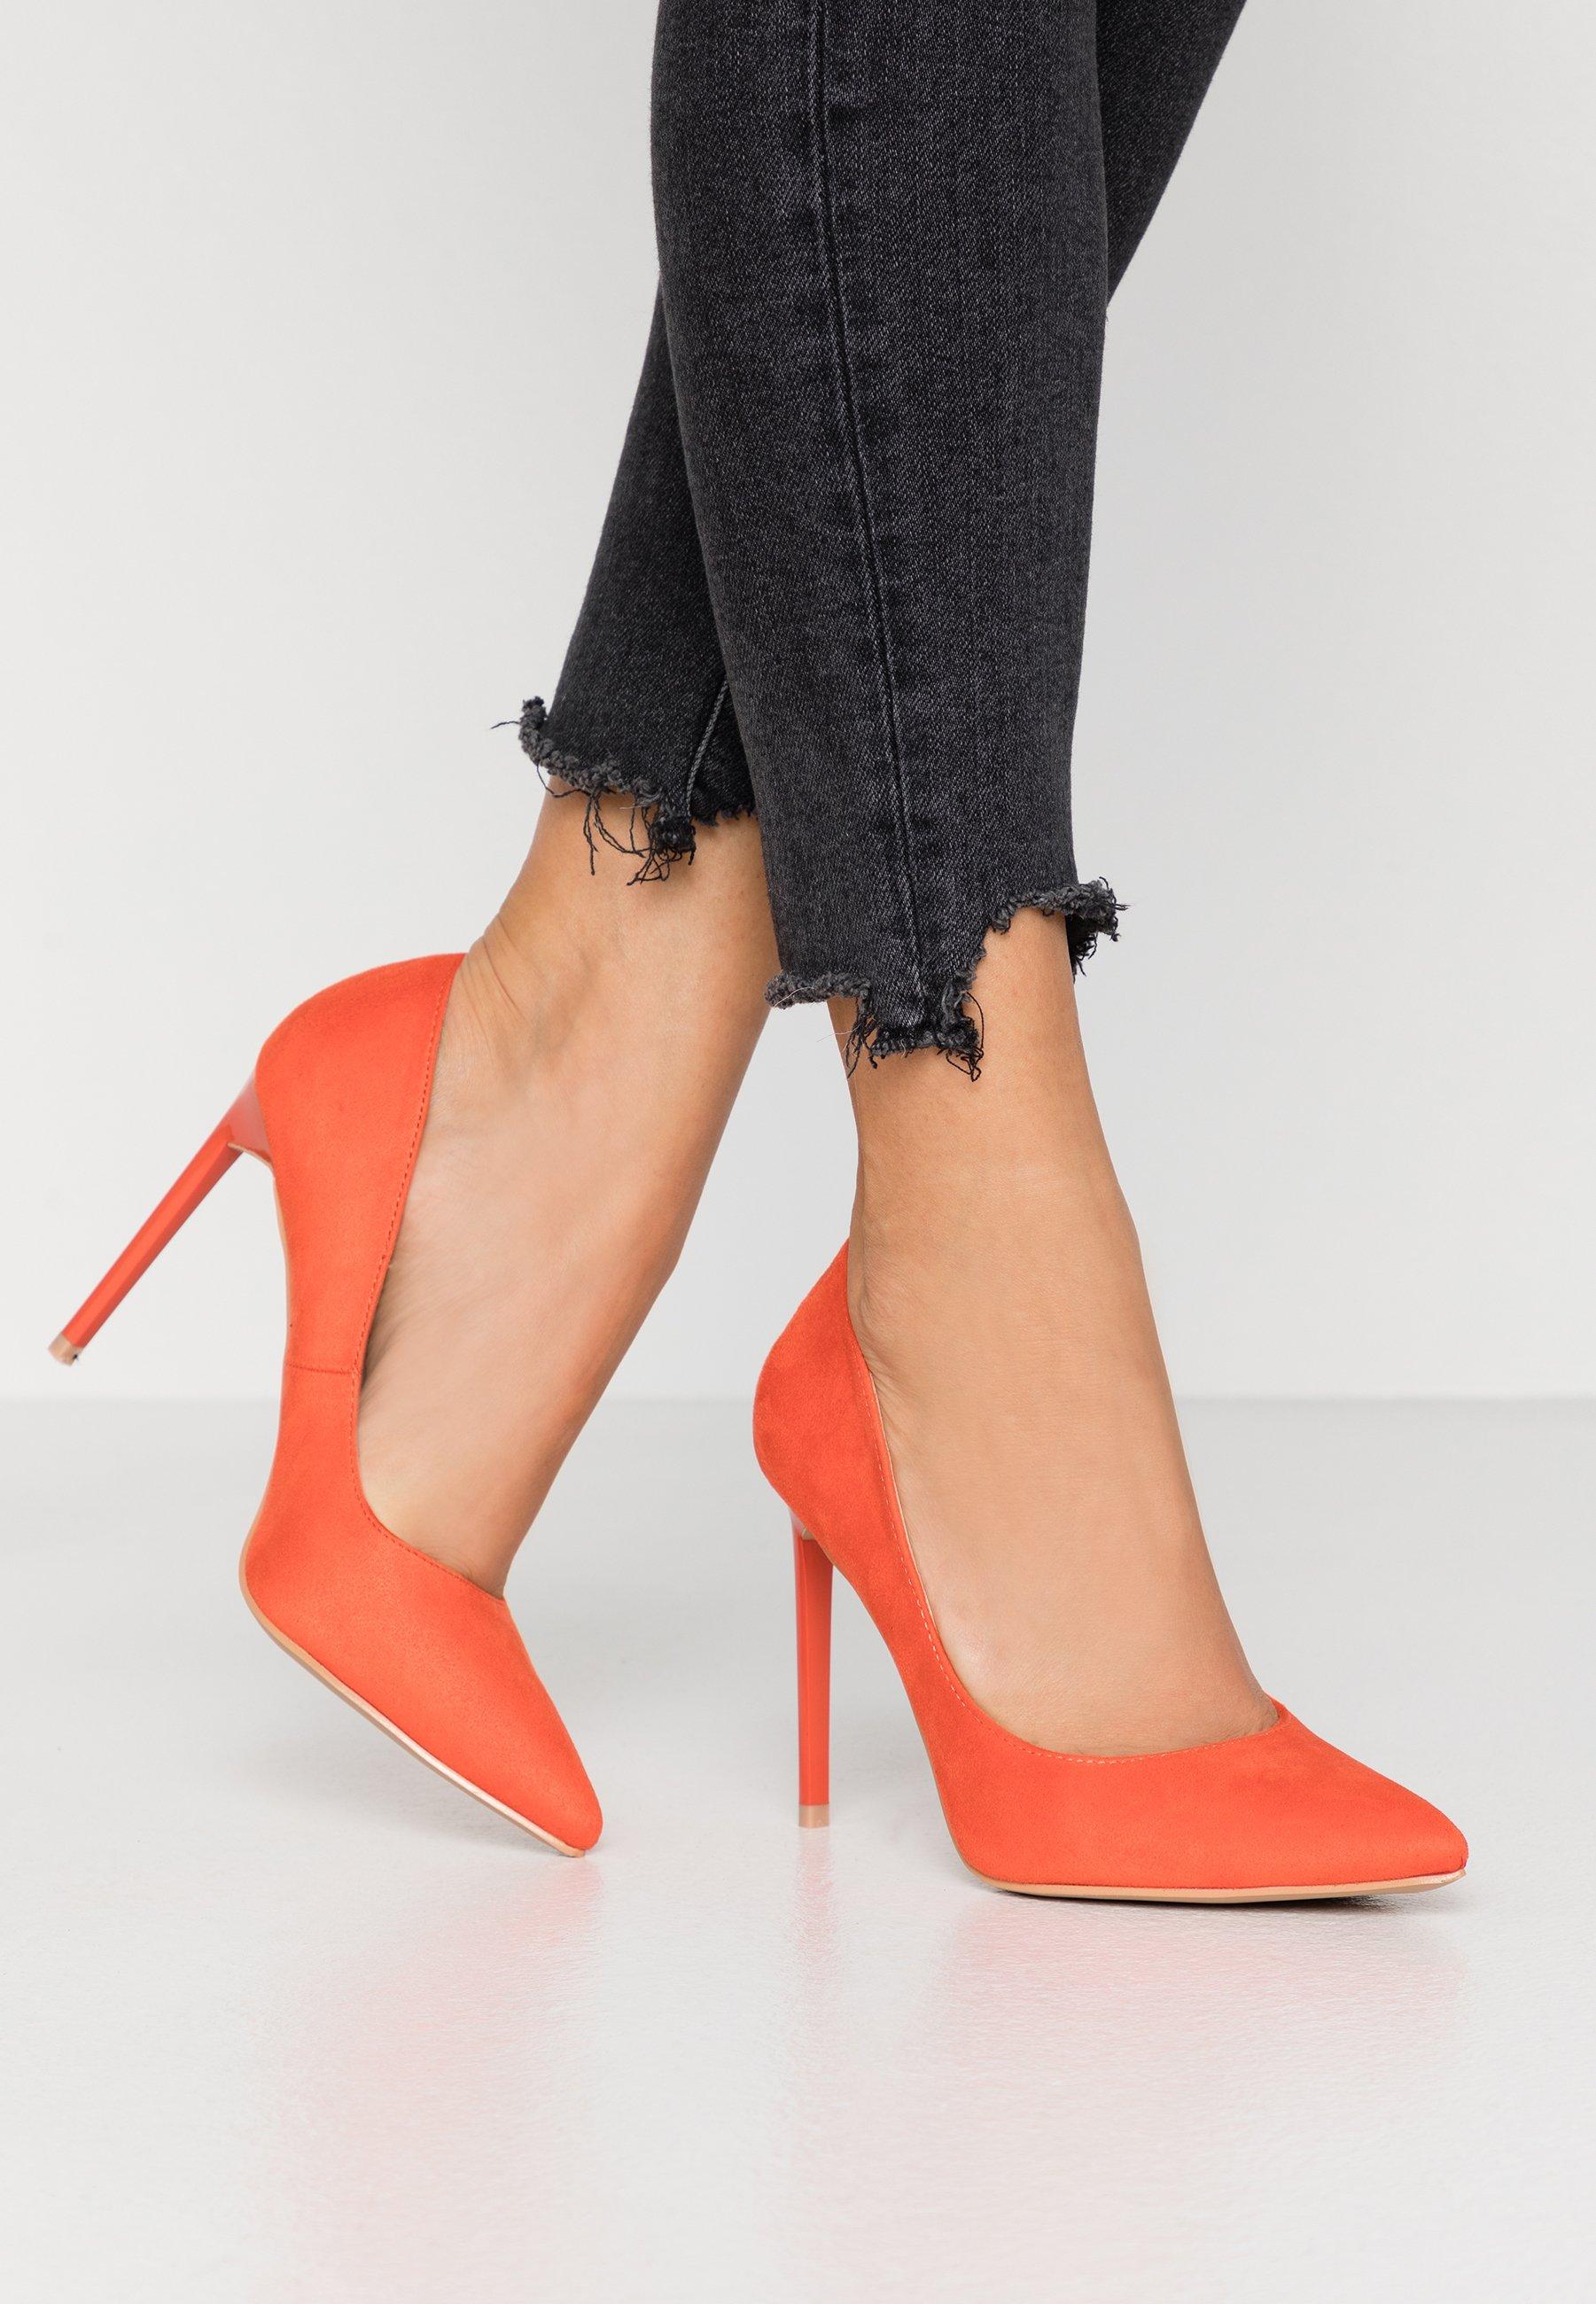 Femme ANTIX - Escarpins à talons hauts - orange